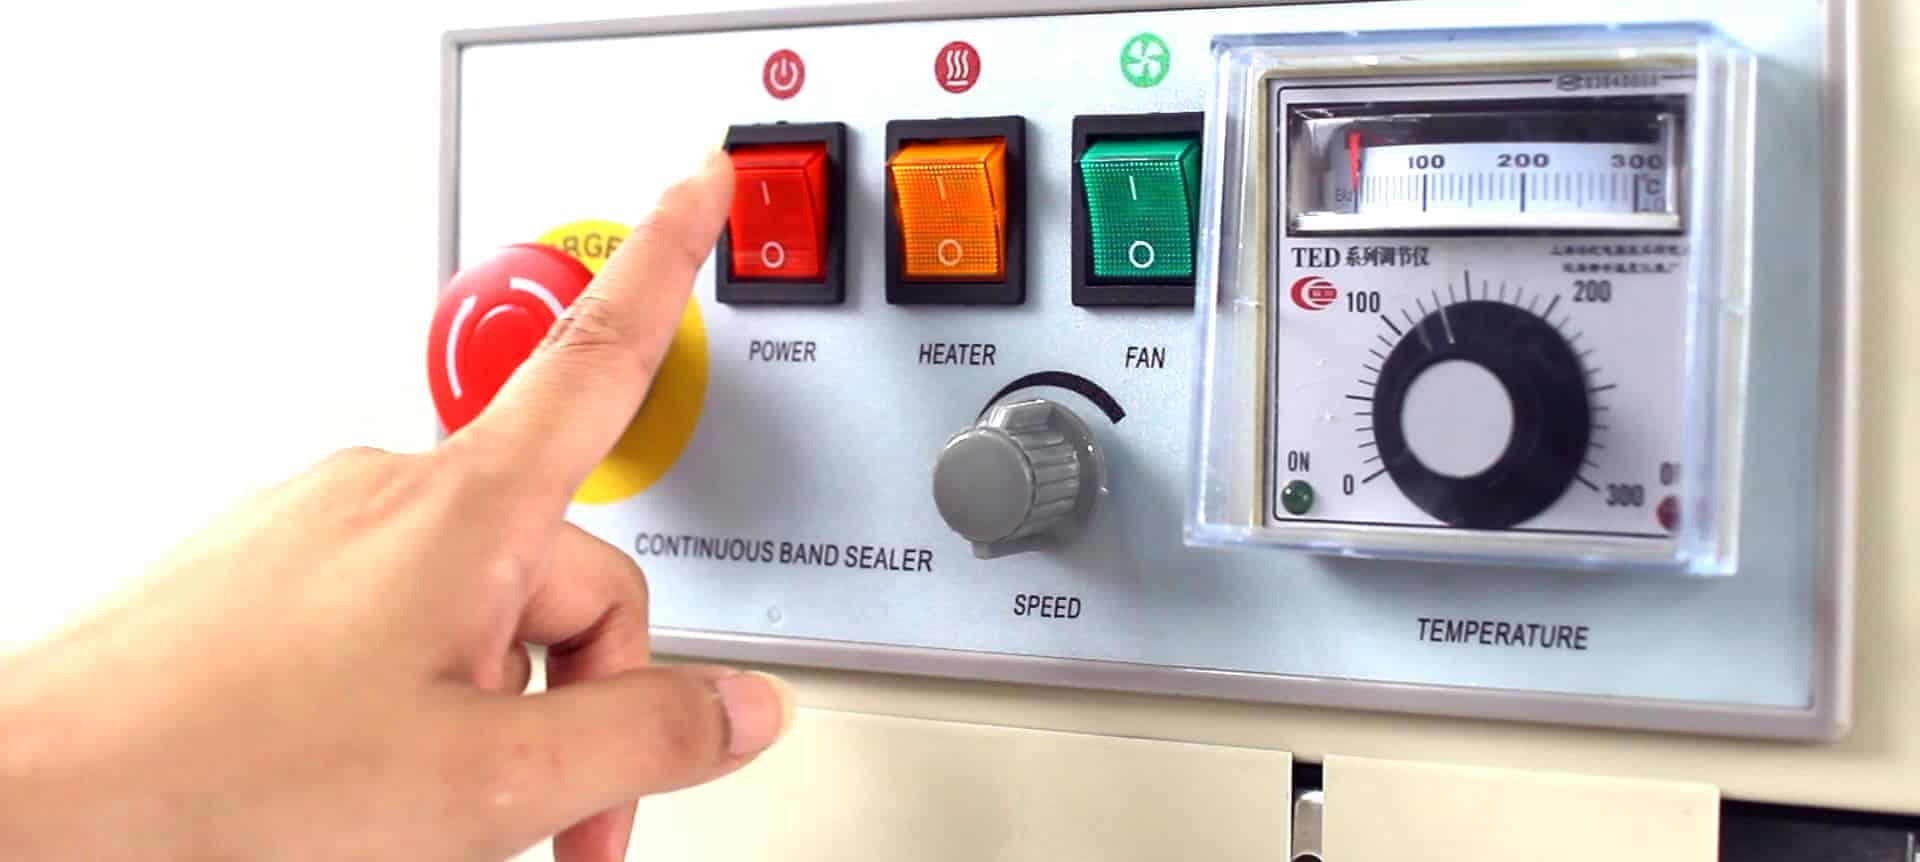 hướng dẫn sử dụng máy hàn miệng túi tự động băng chuyền AS02